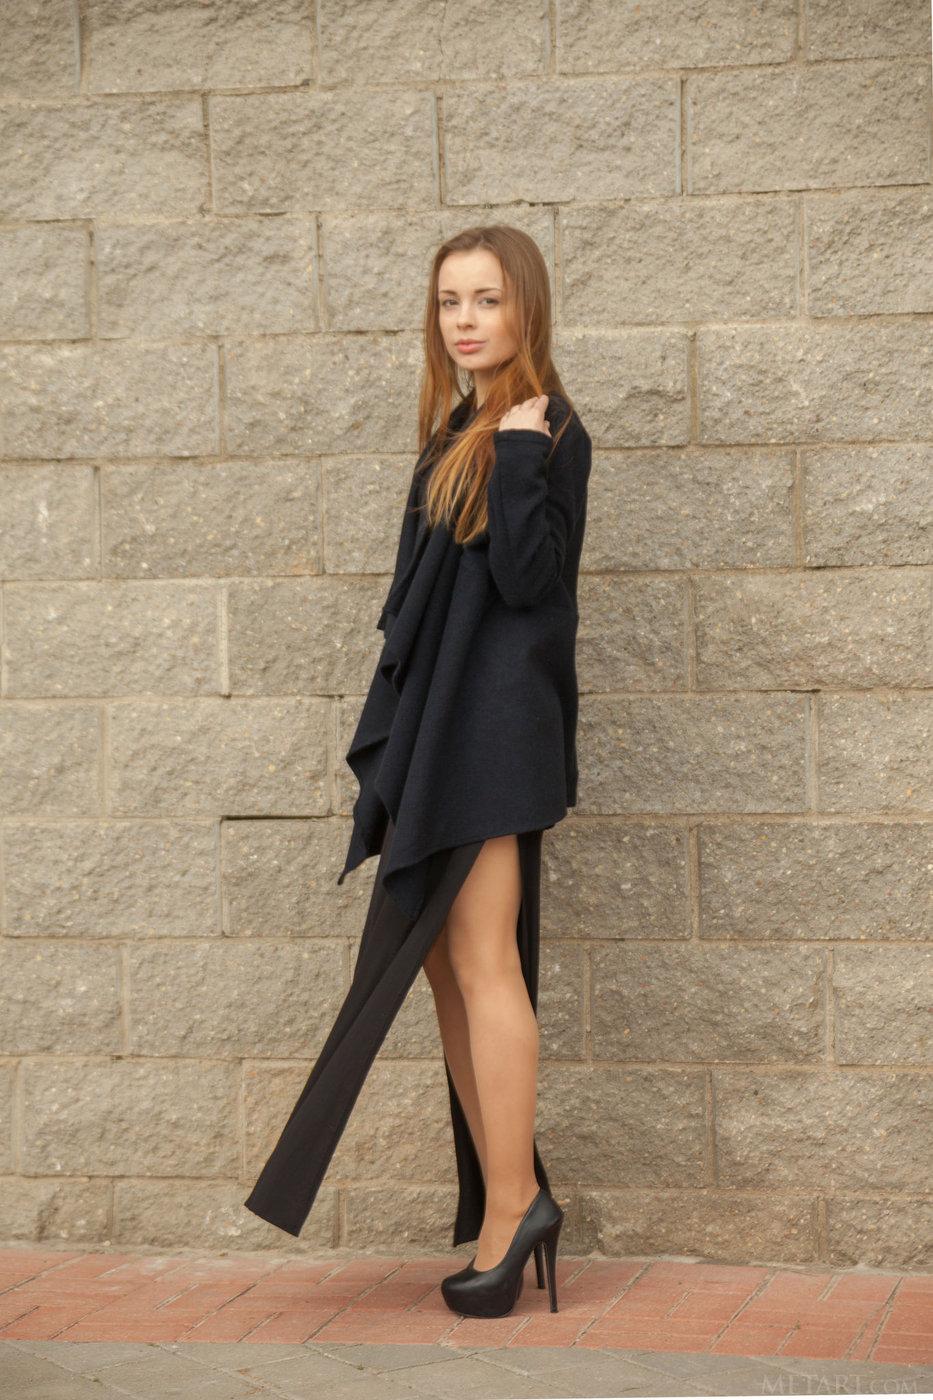 Fur-loving luxurious brunette posing on all fours